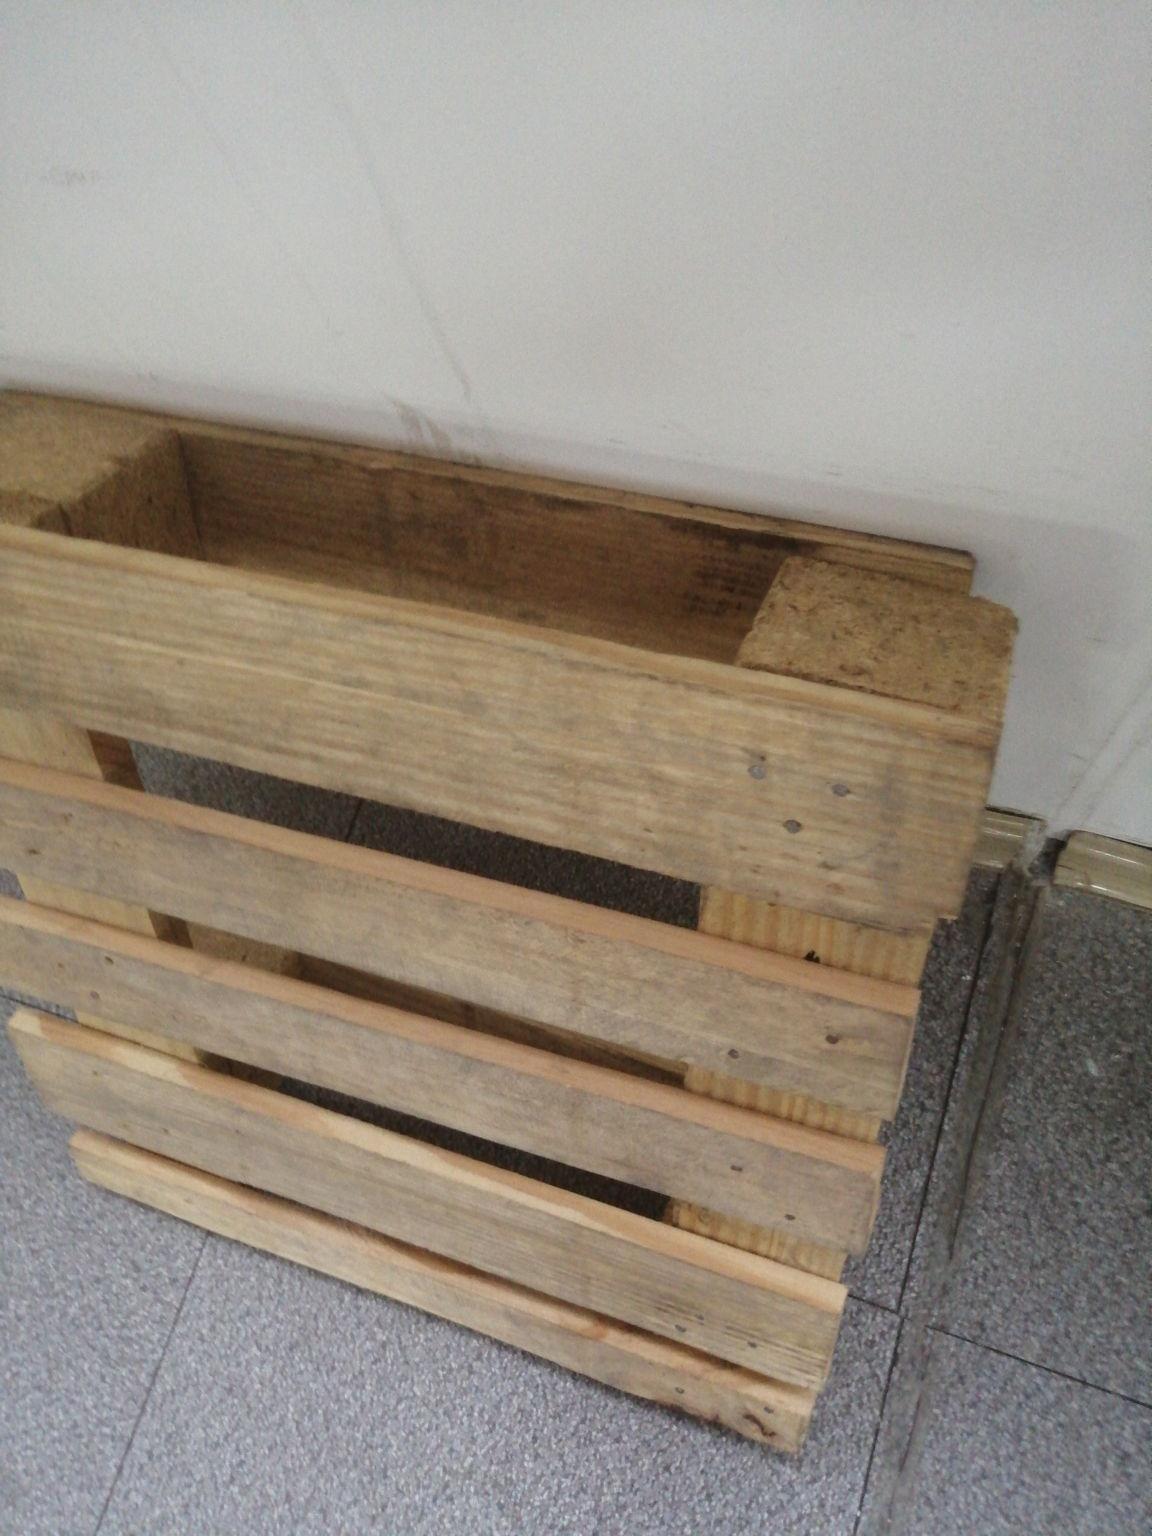 天津松木胶合木销售代理商王山参加团购活动